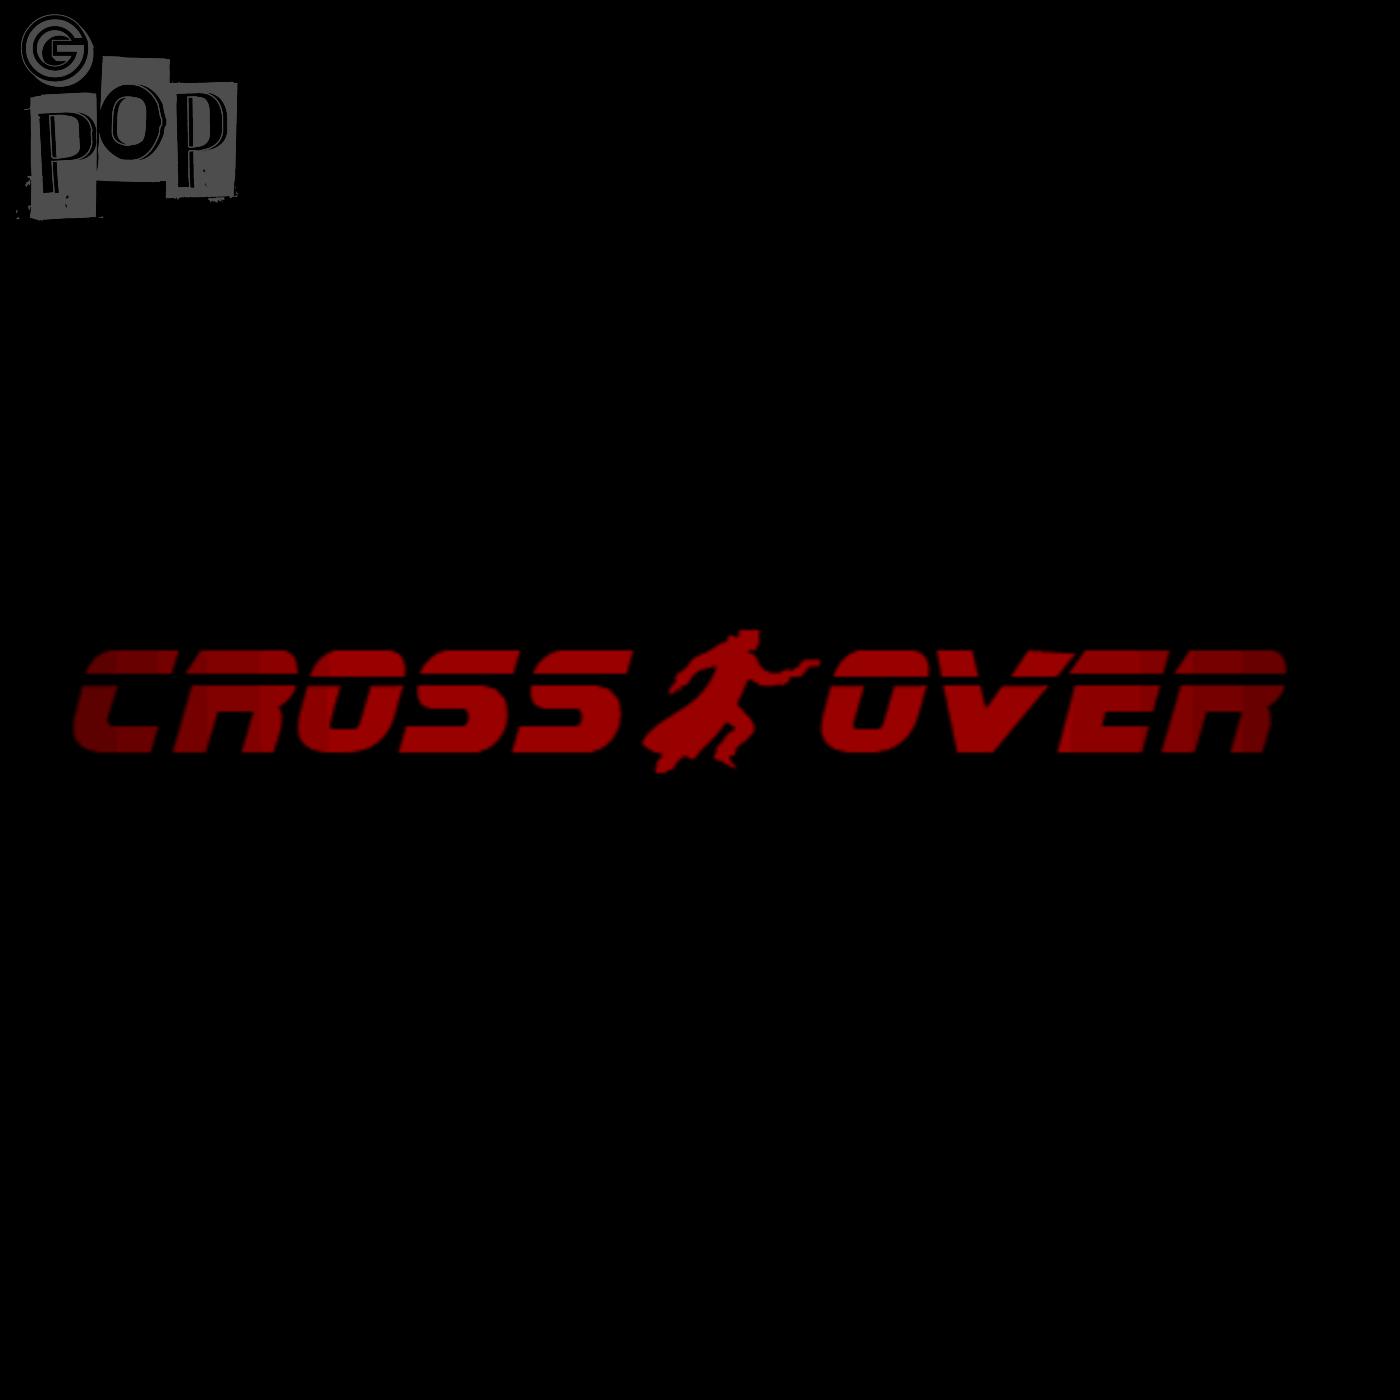 Crossover blade runner